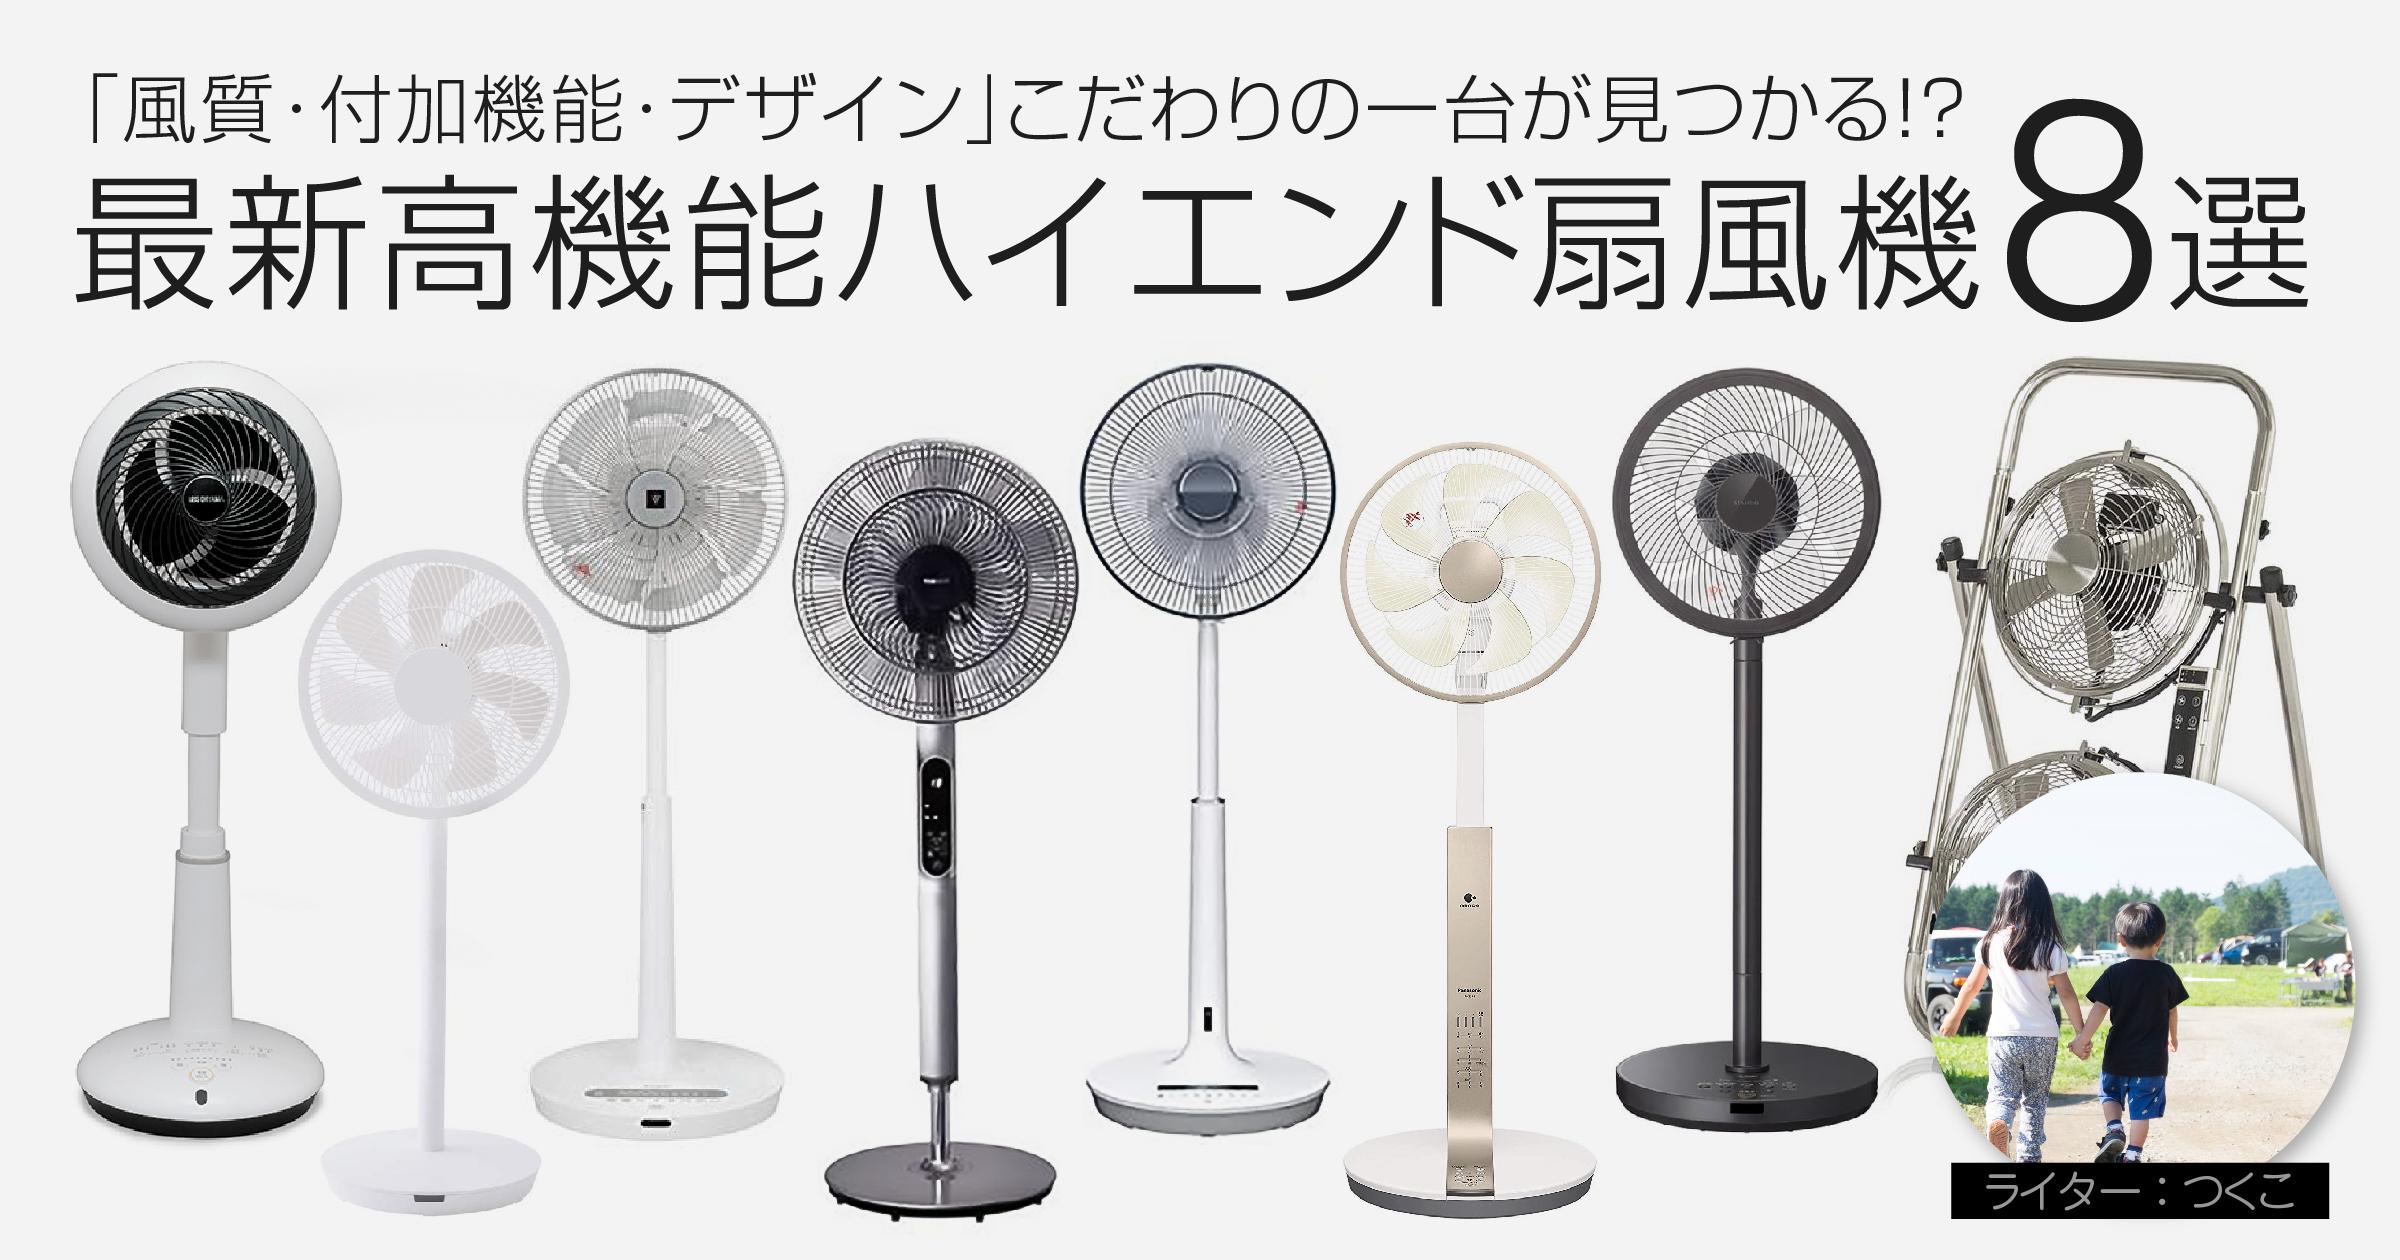 【扇風機特集】「風質・付加機能・デザイン」こだわりの一台が見つかる!?最新 高機能ハイエンド扇風機8選